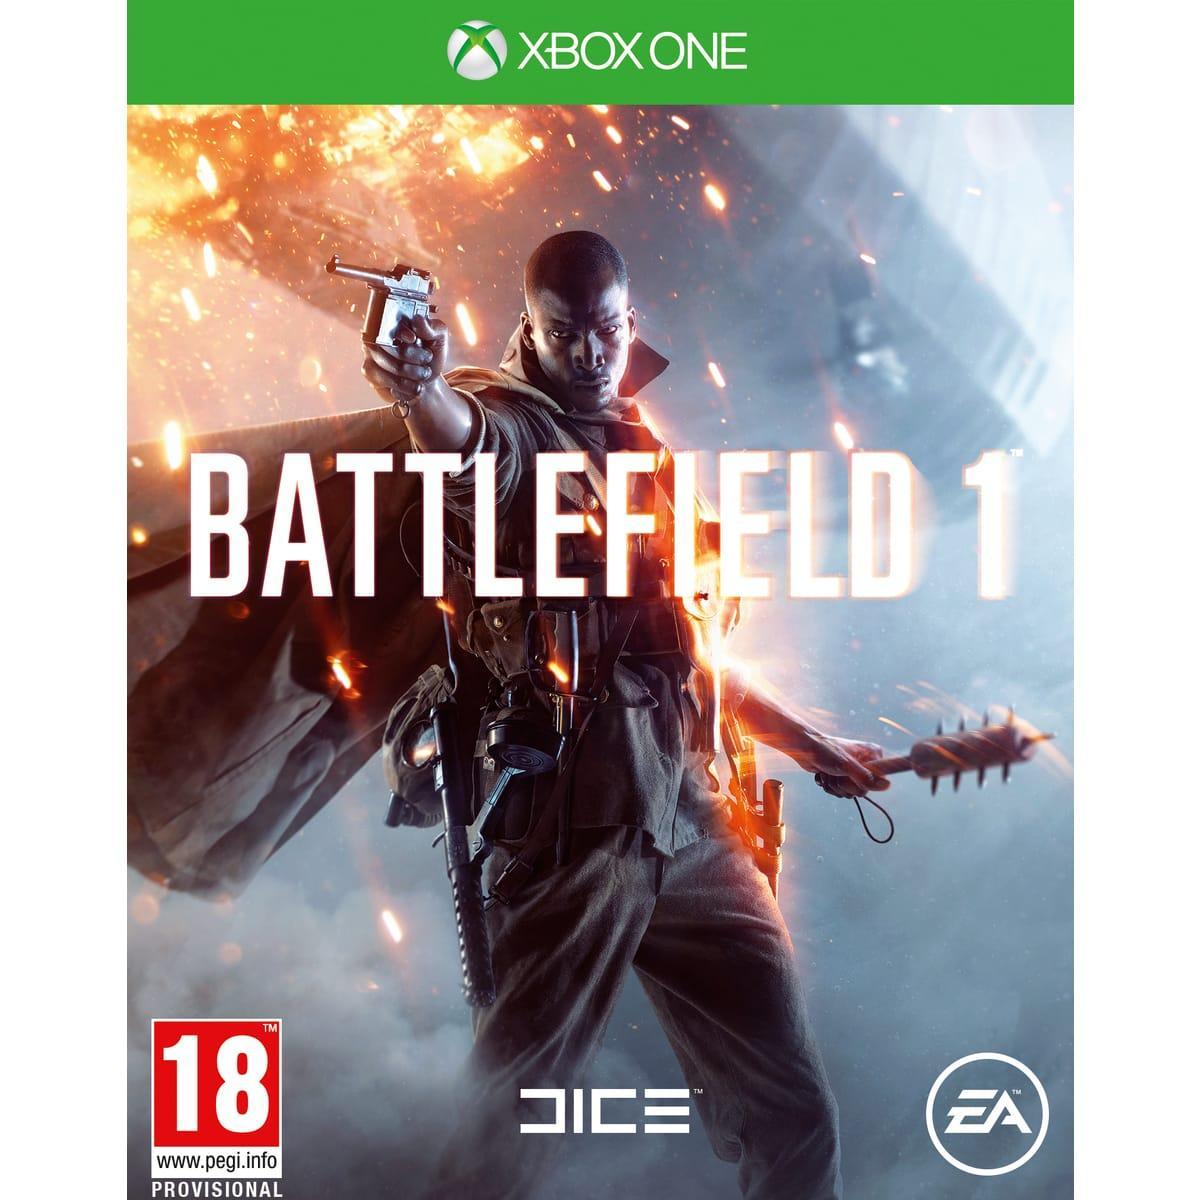 [Précommande] Battlefield 1 sur PC à 40.99€ et sur Xbox One / PS4 en ligne ou en magasin